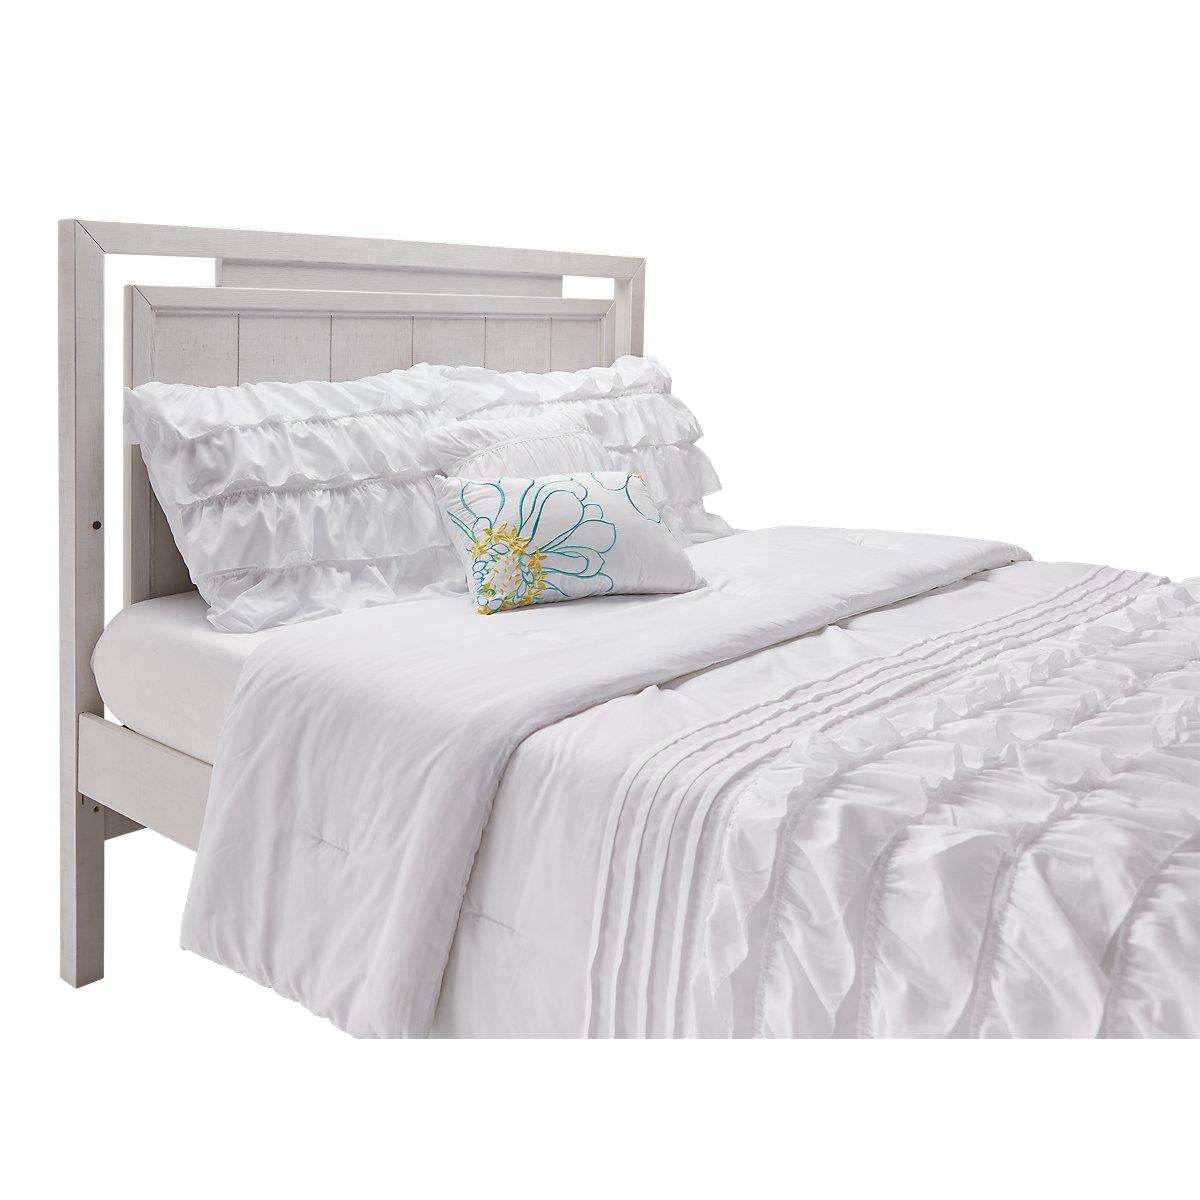 Ashton Ivory Wood Panel Bed   Baby & Kids - Beds   City ...